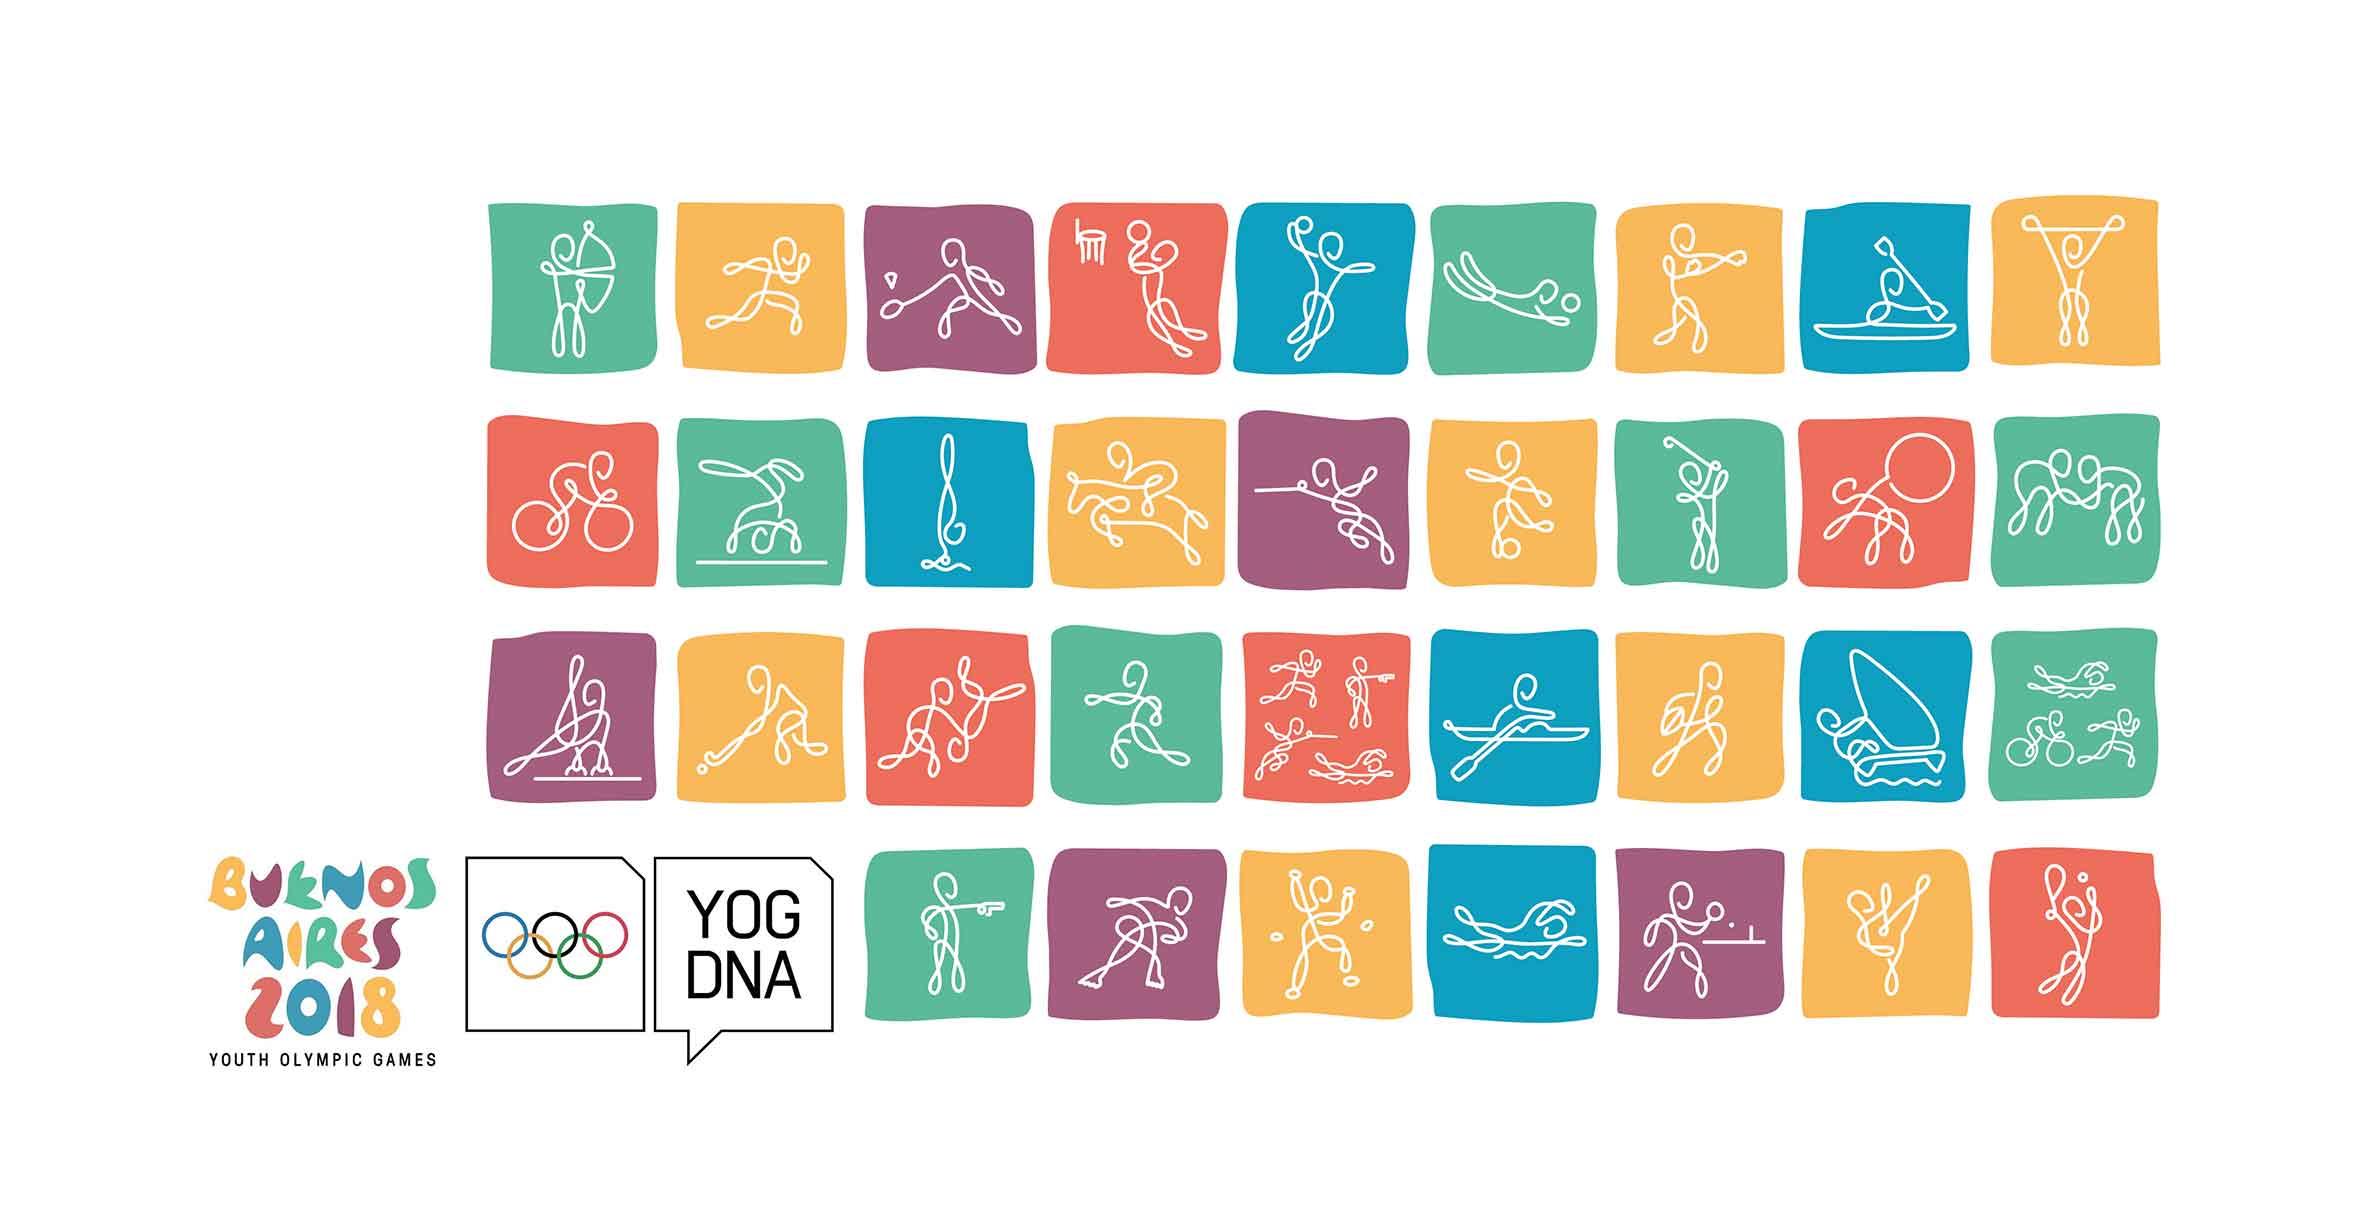 Juegos Olimpicos De La Juventud 2018 Lo Que Debes Saber Buena Vibra